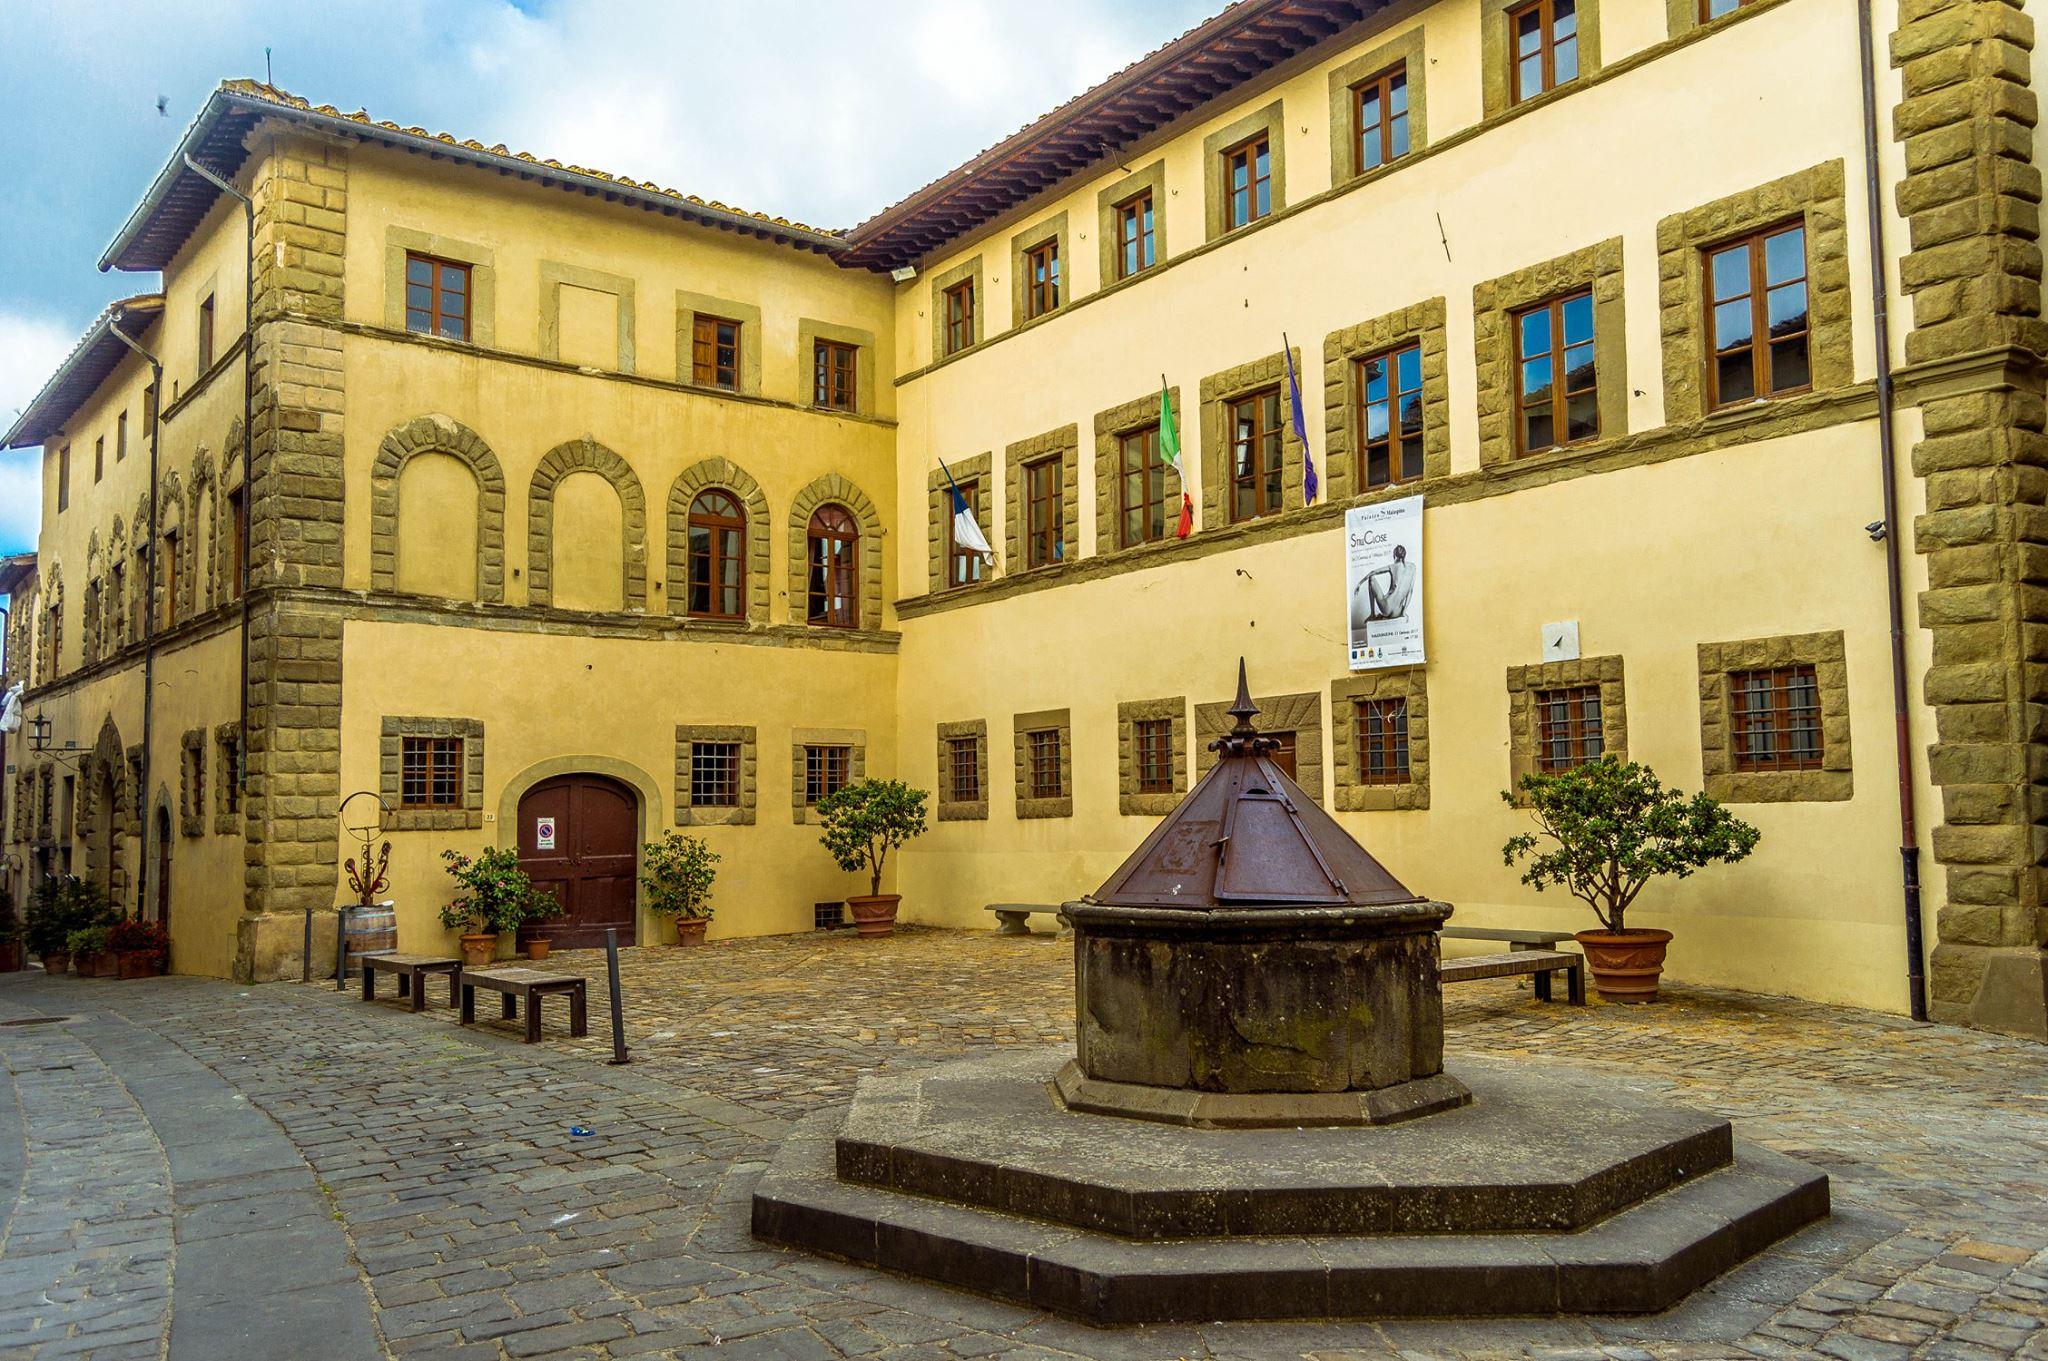 san donato piazza photograph